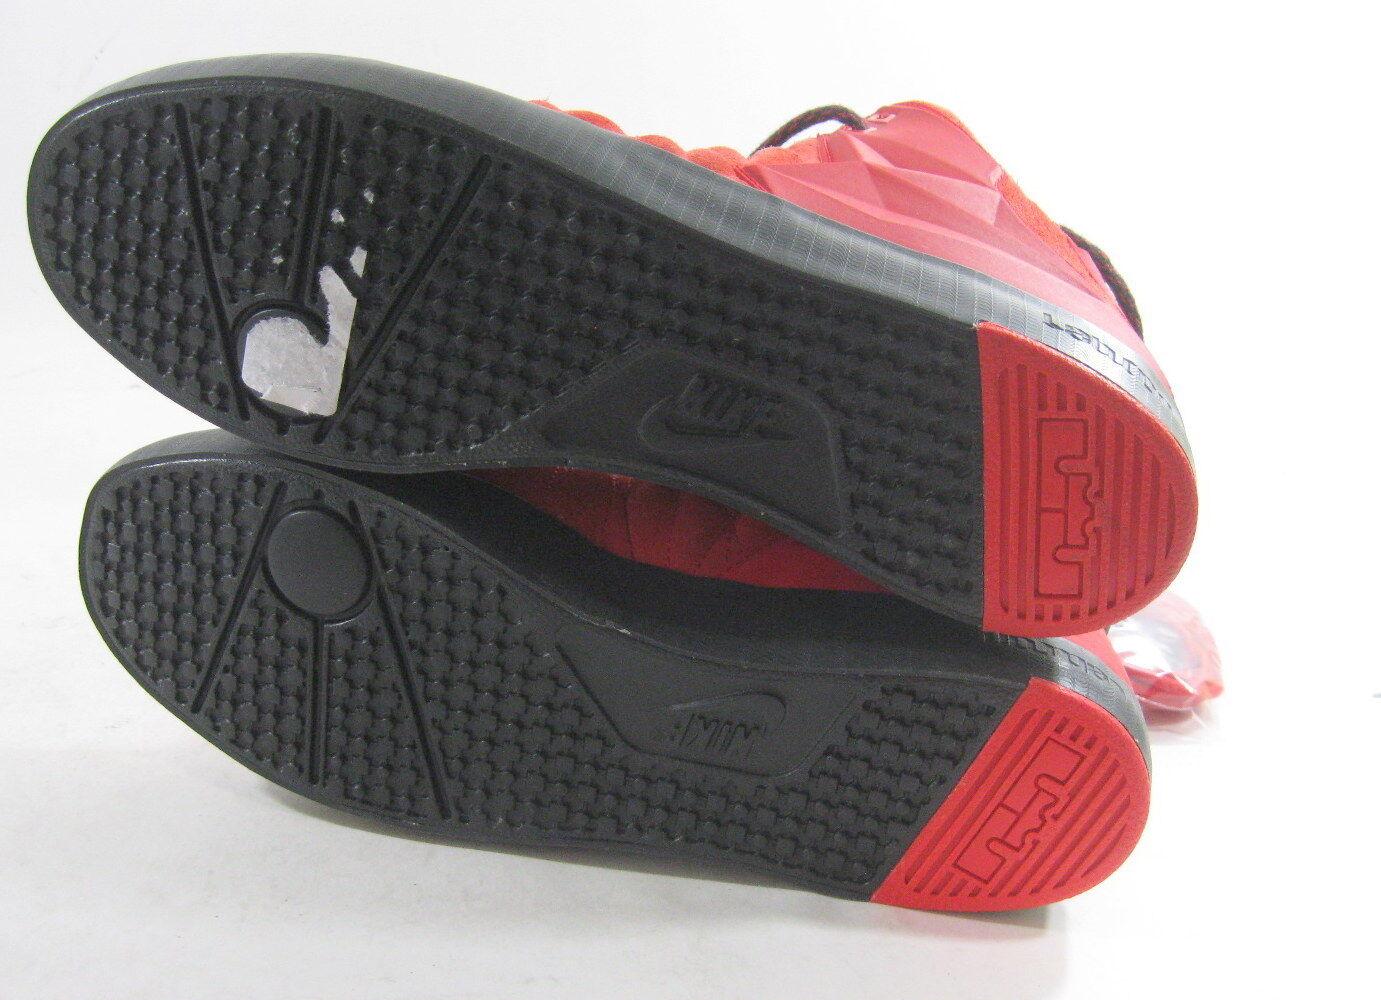 LeBron 11 NSW LIFESTYLE LIFESTYLE LIFESTYLE ROJO / Negro/Universidad Rojo 616766 600 tamaño 9 8a6a13